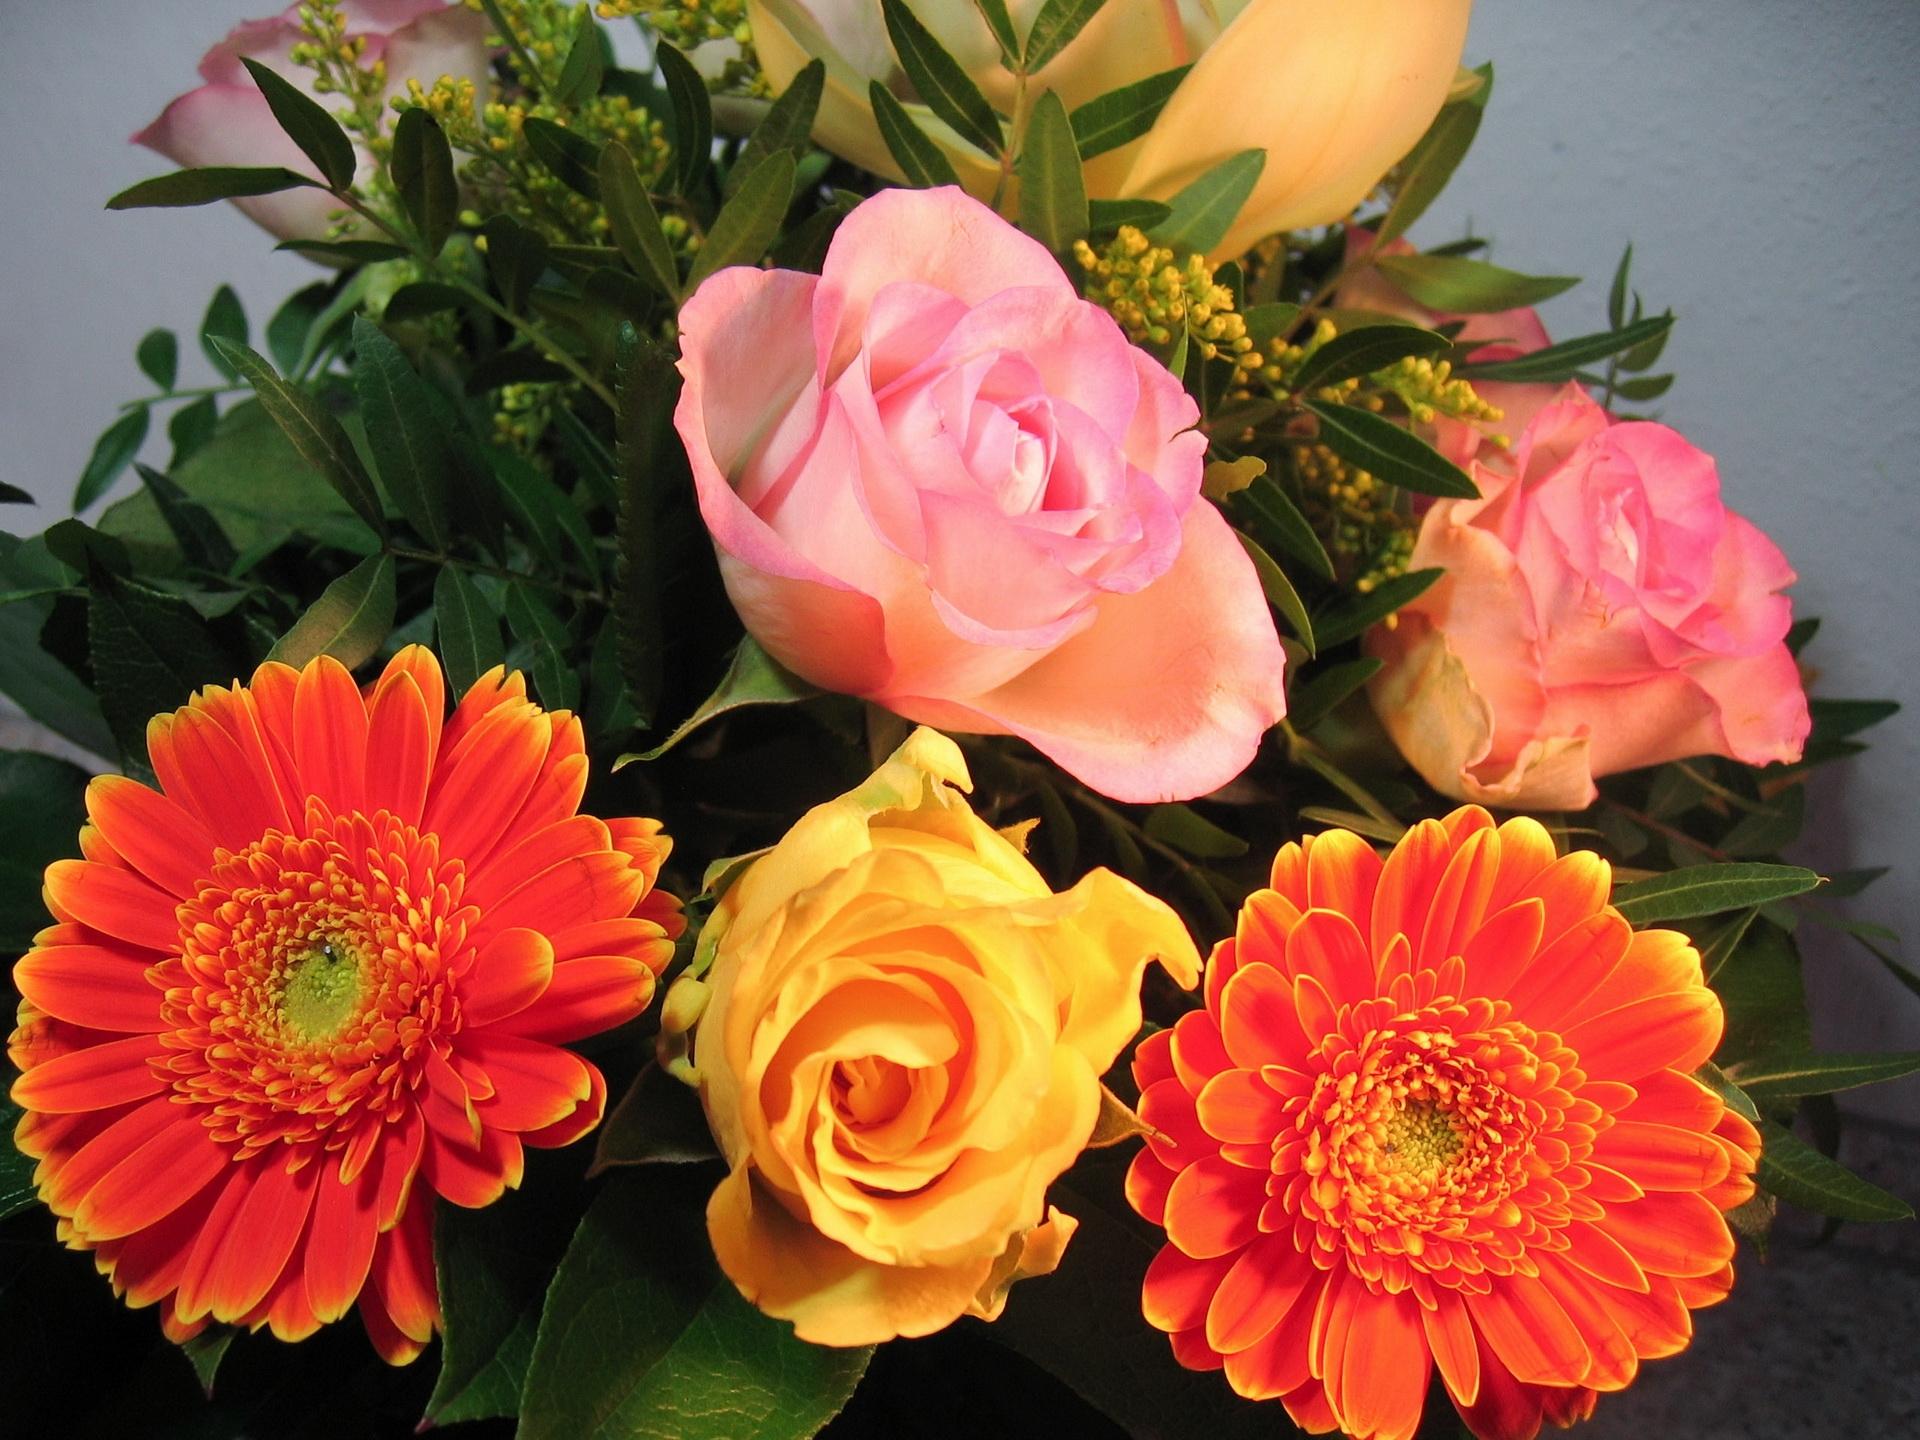 Обои на рабочий стол букеты розы герберы лилии гвоздики